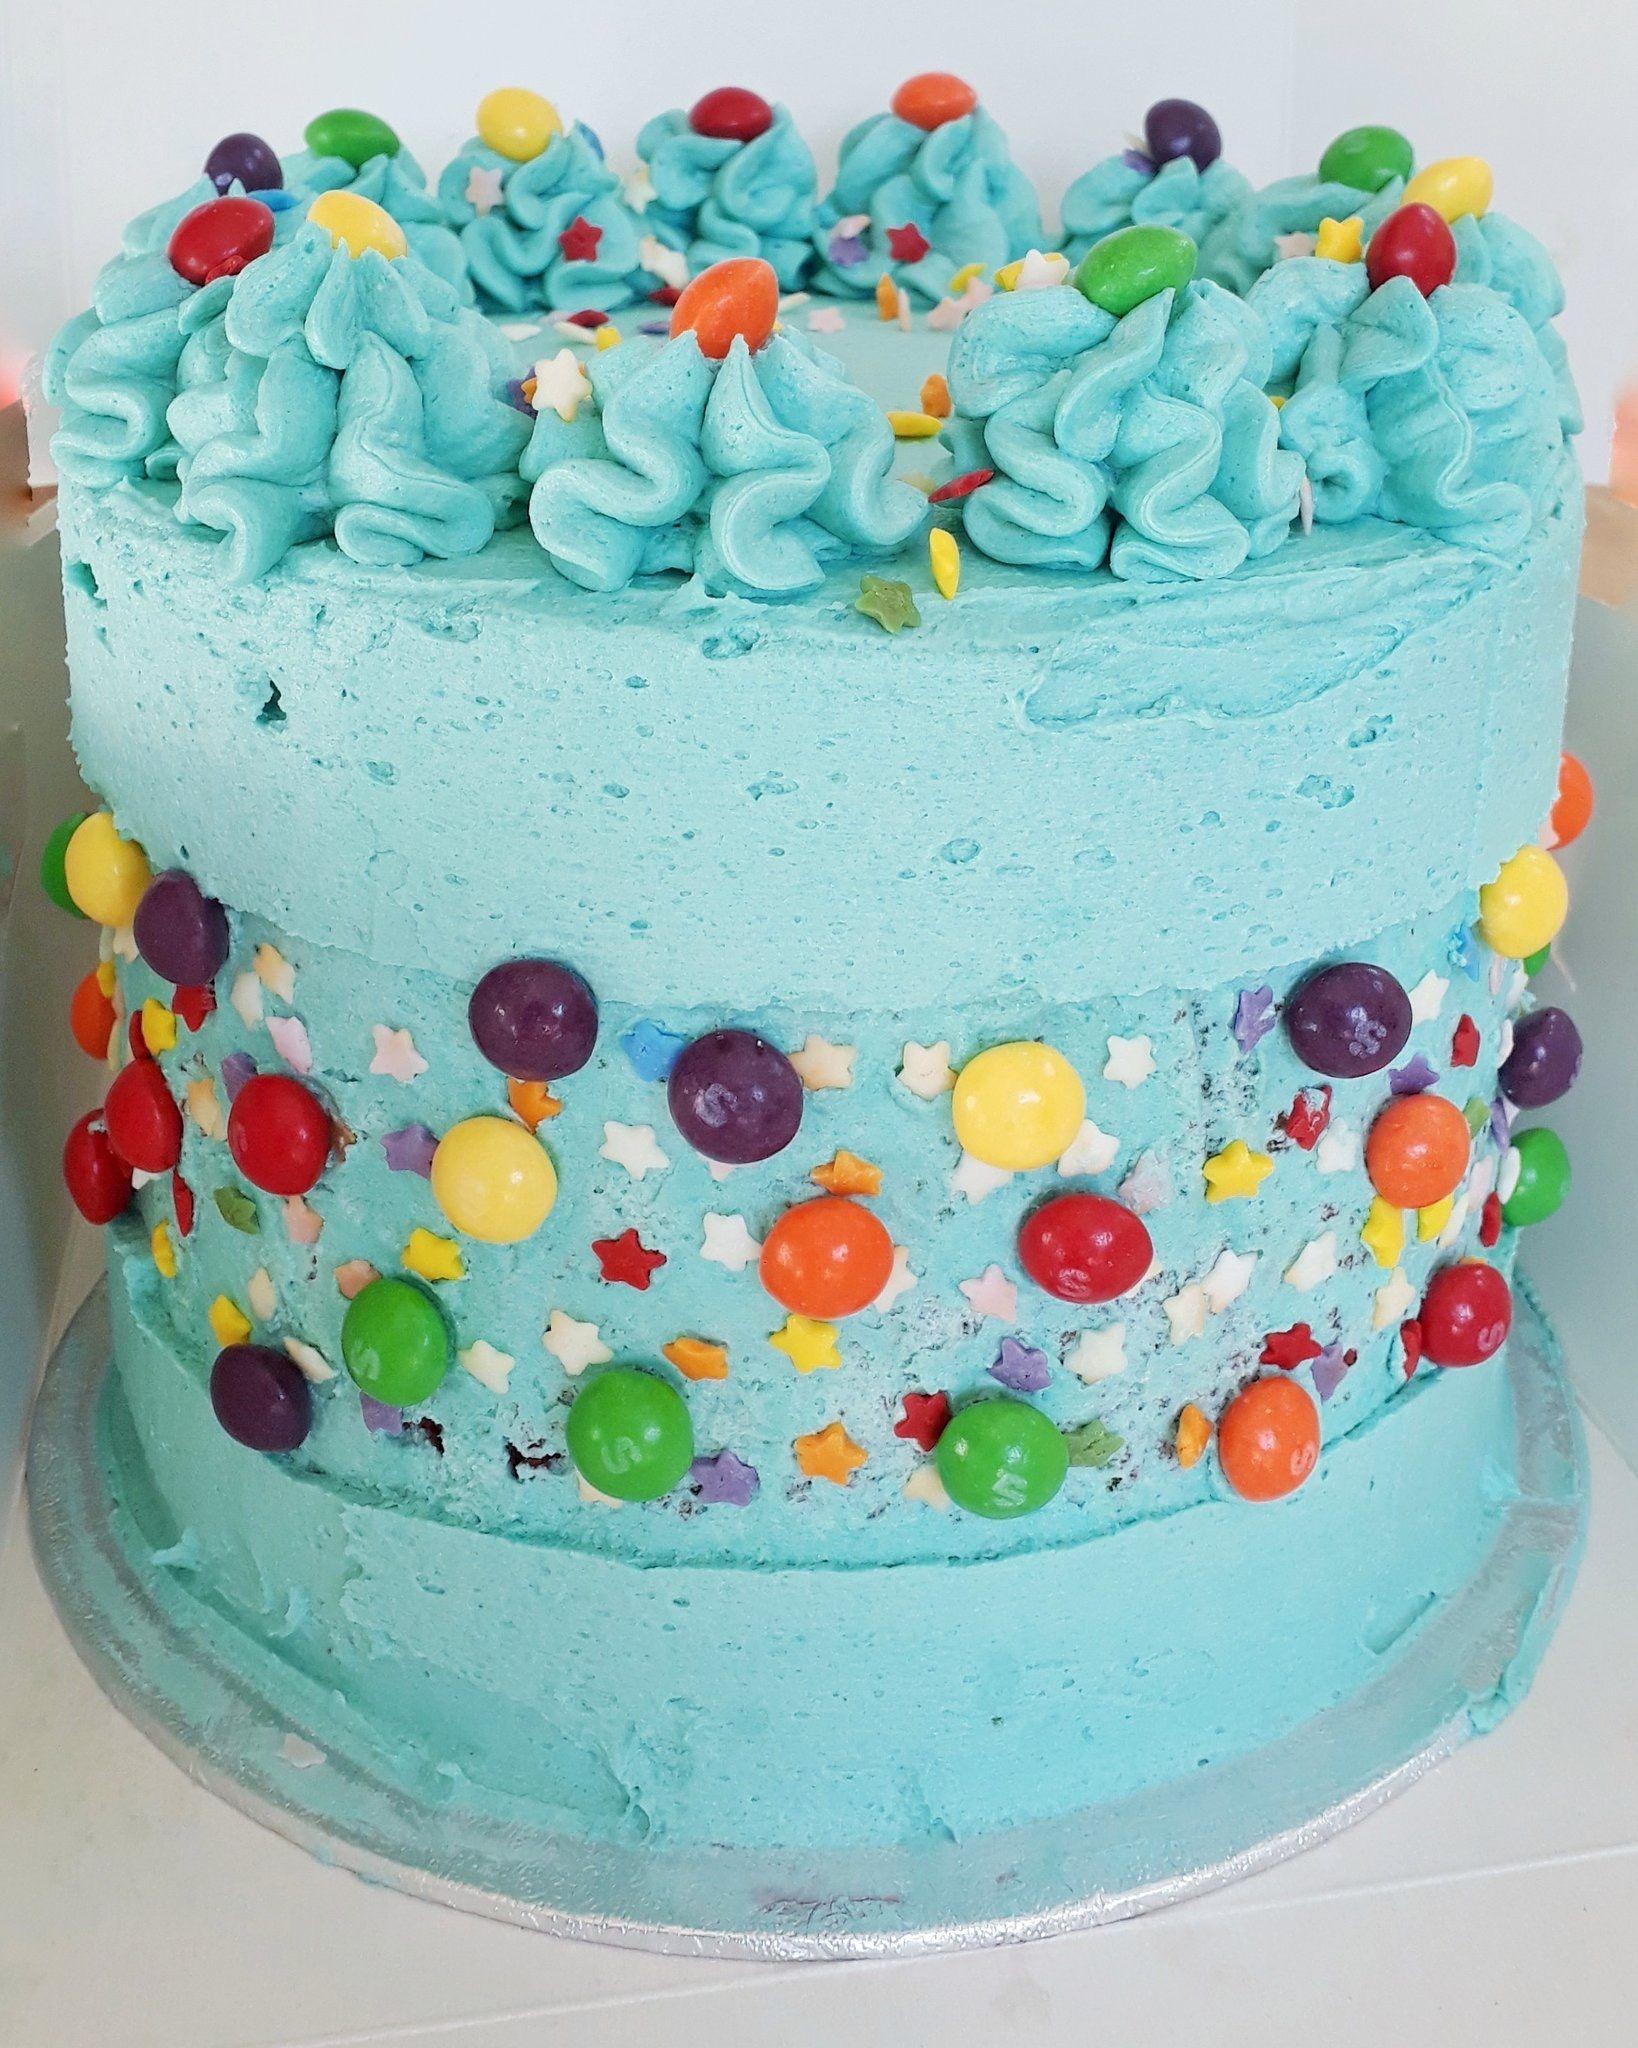 Gluten Free And Dairy Free Rainbow And Pinata Cake Cake Pinata Cake Desserts